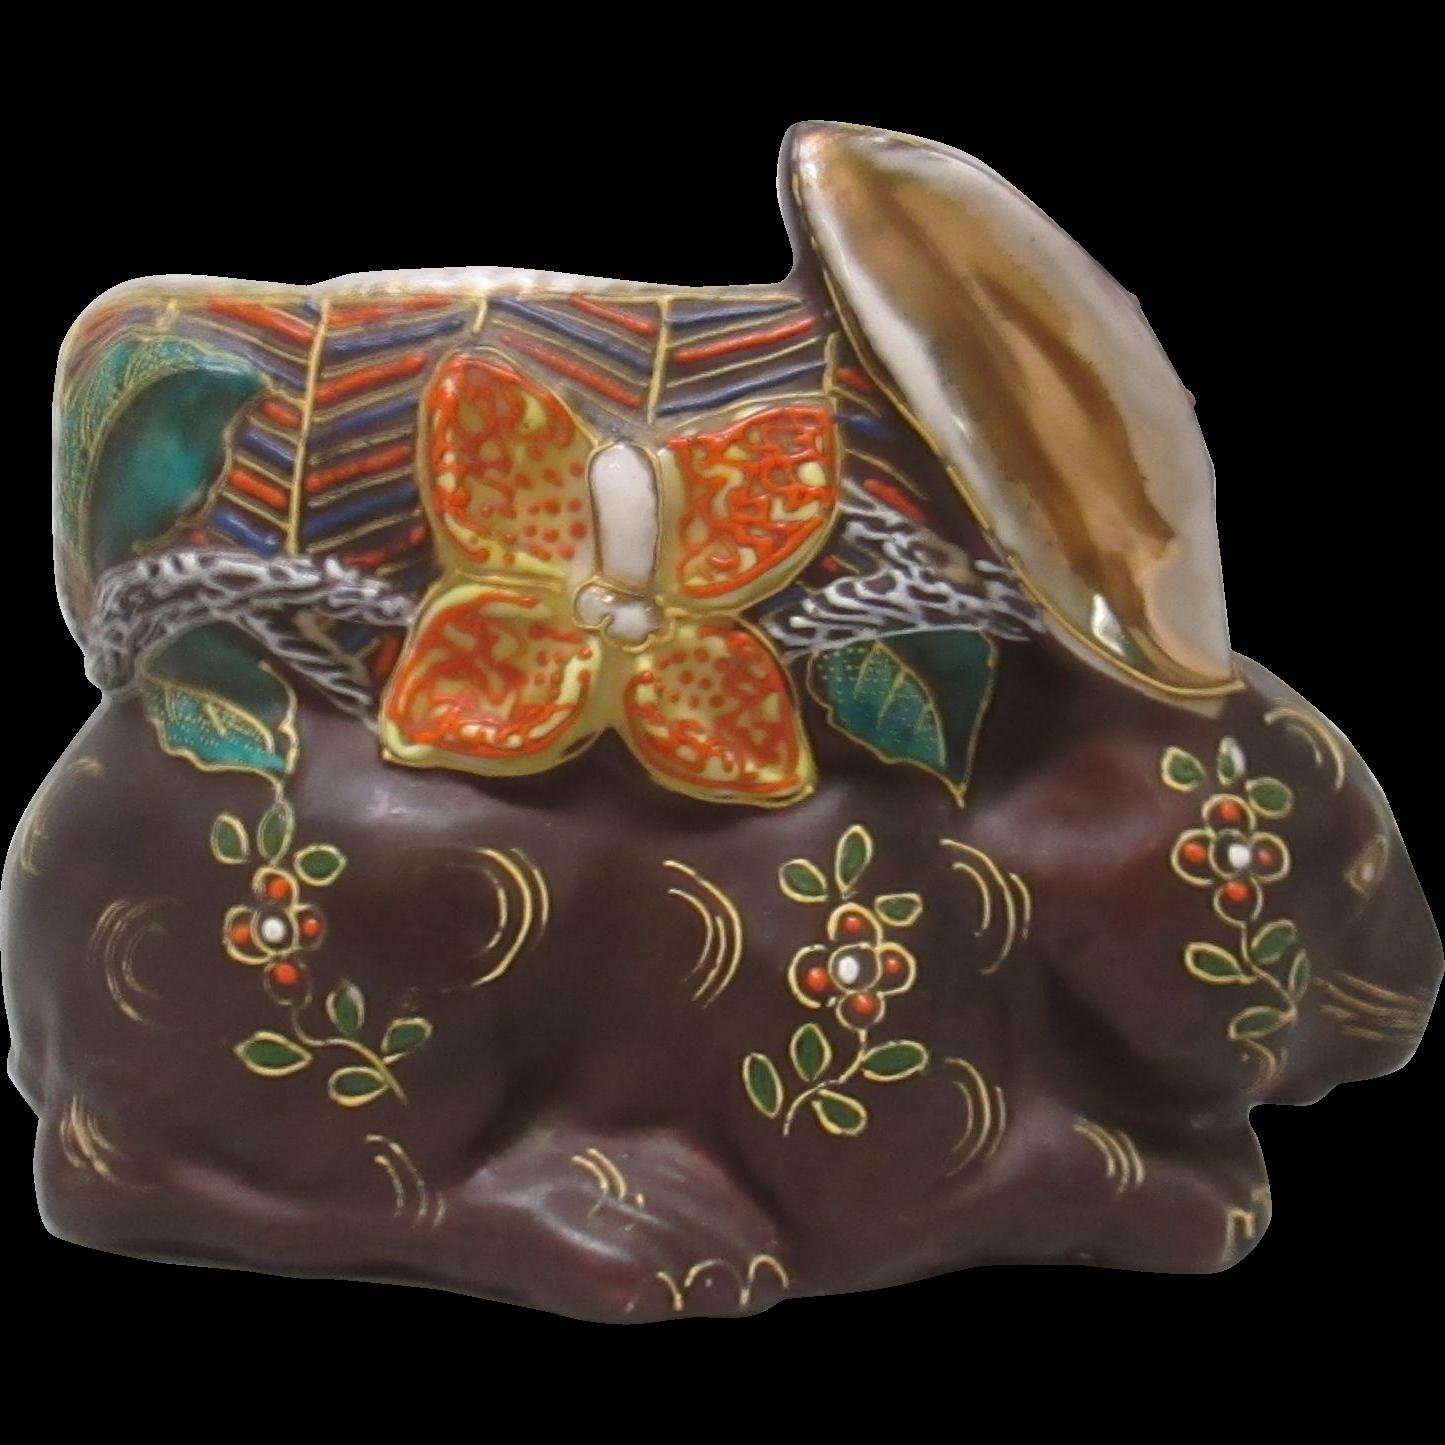 Satsuma style Rabbit vase